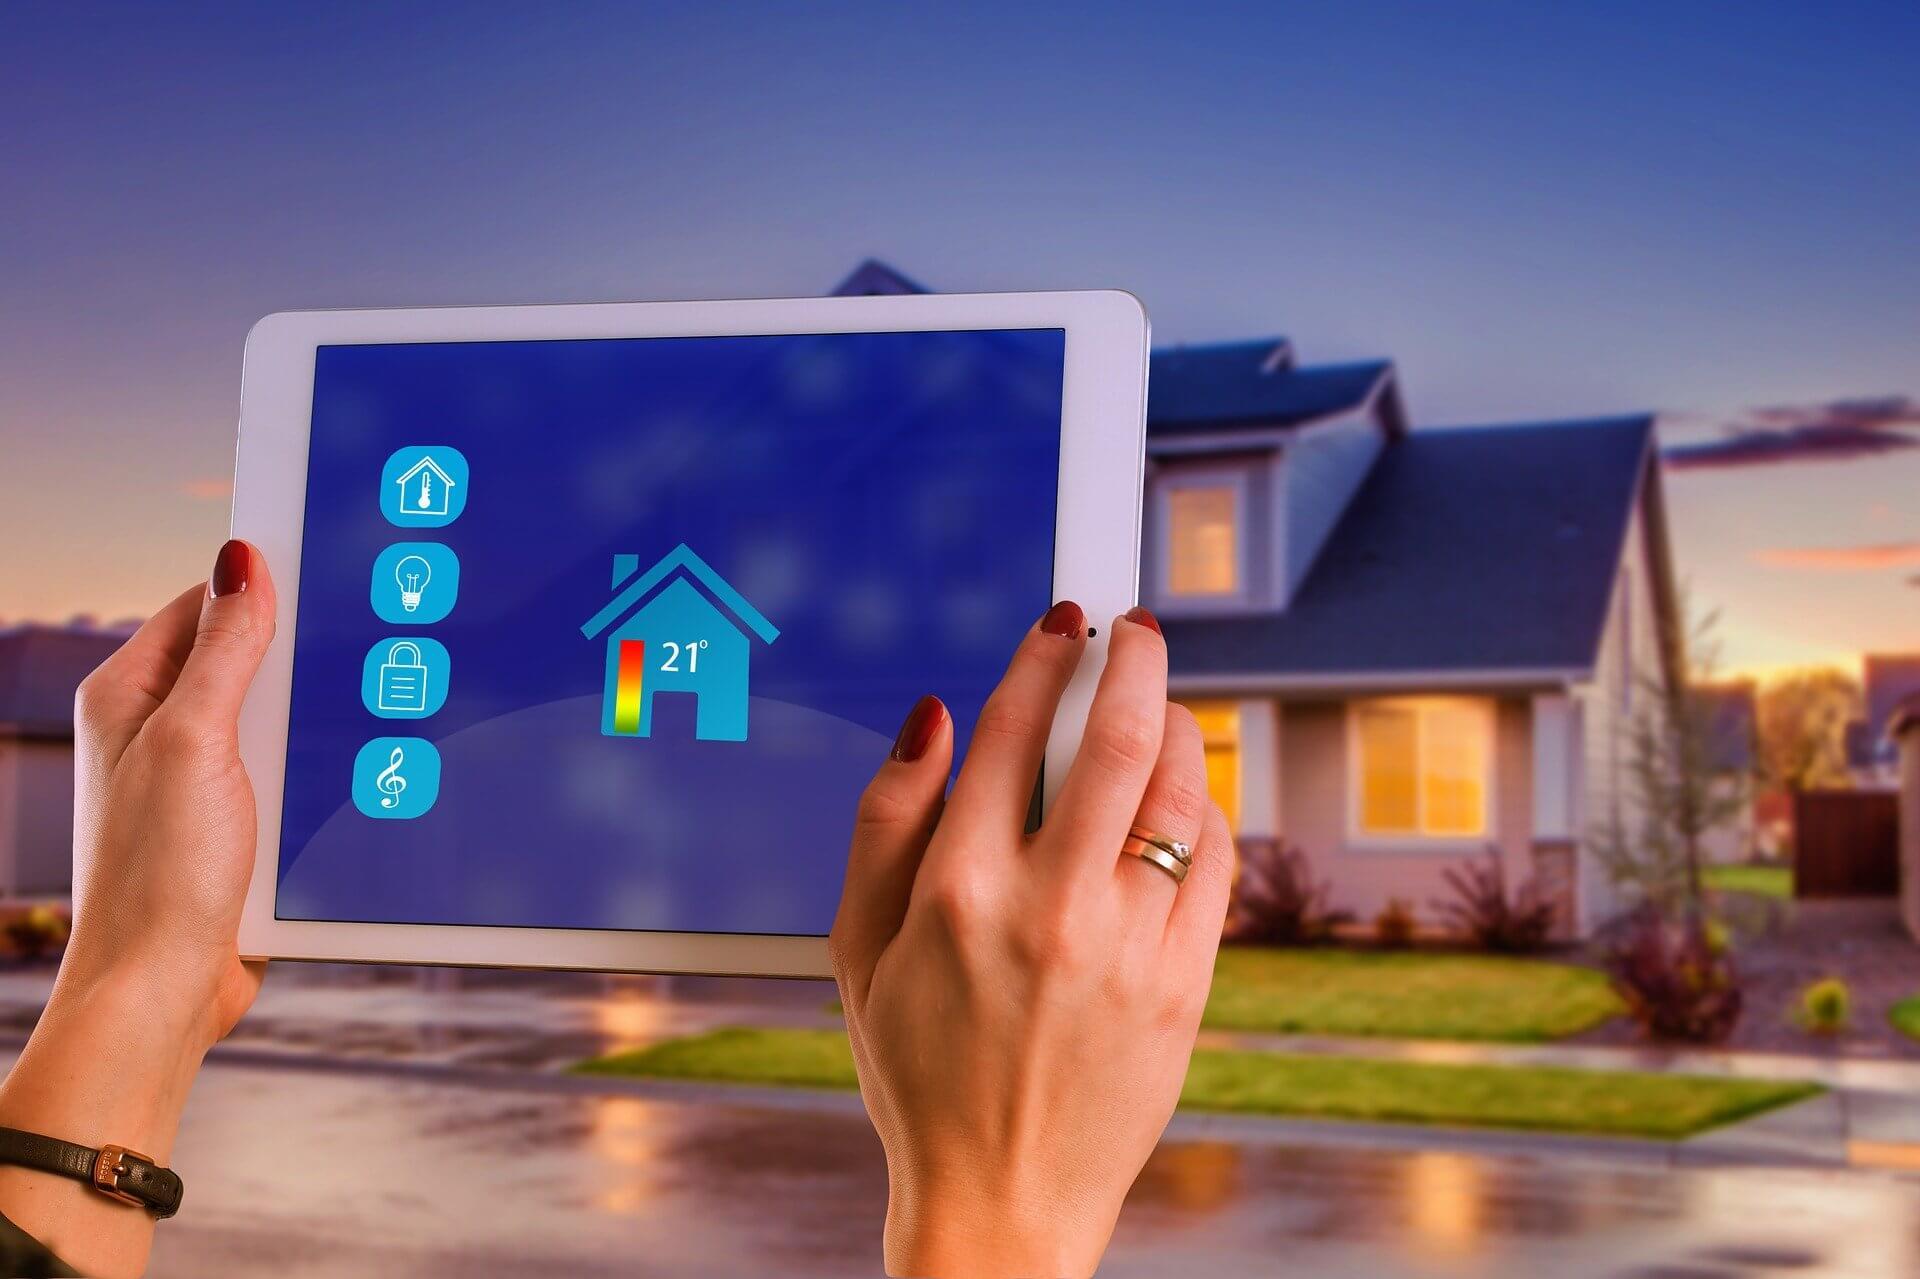 akıllı evinizin güvenliğini sağlama